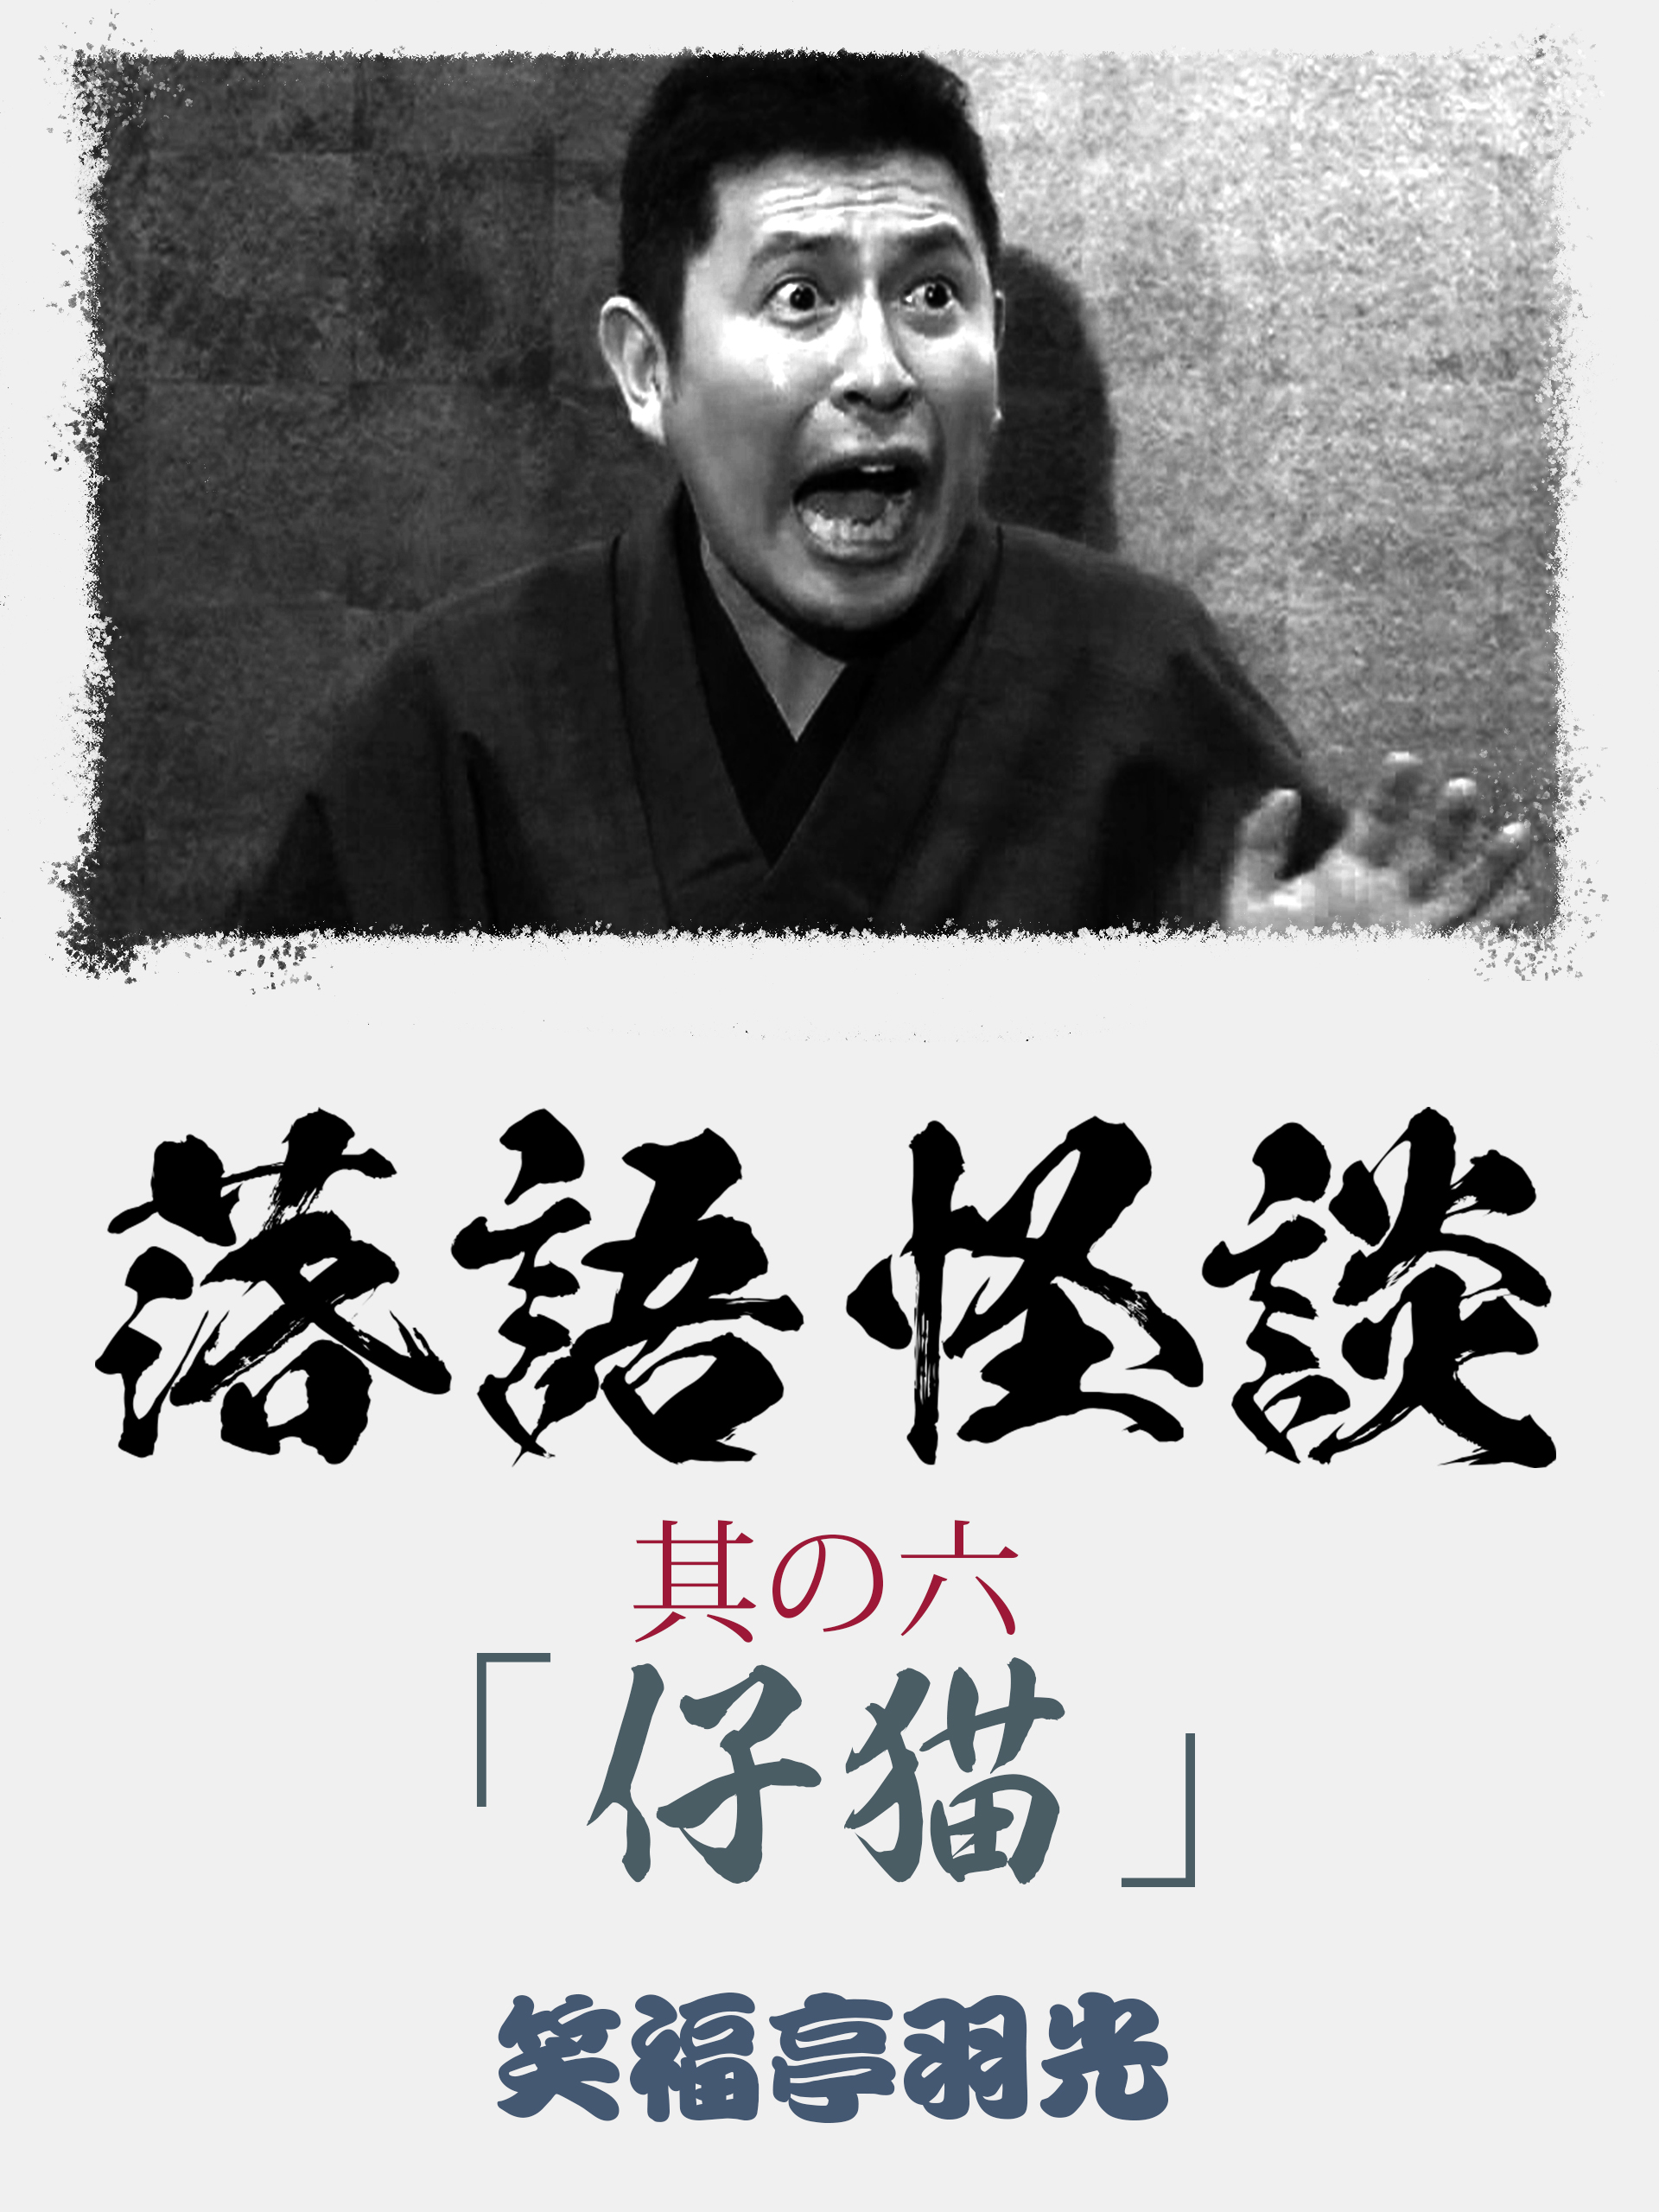 落語怪談 其の六「仔猫」 笑福亭羽光